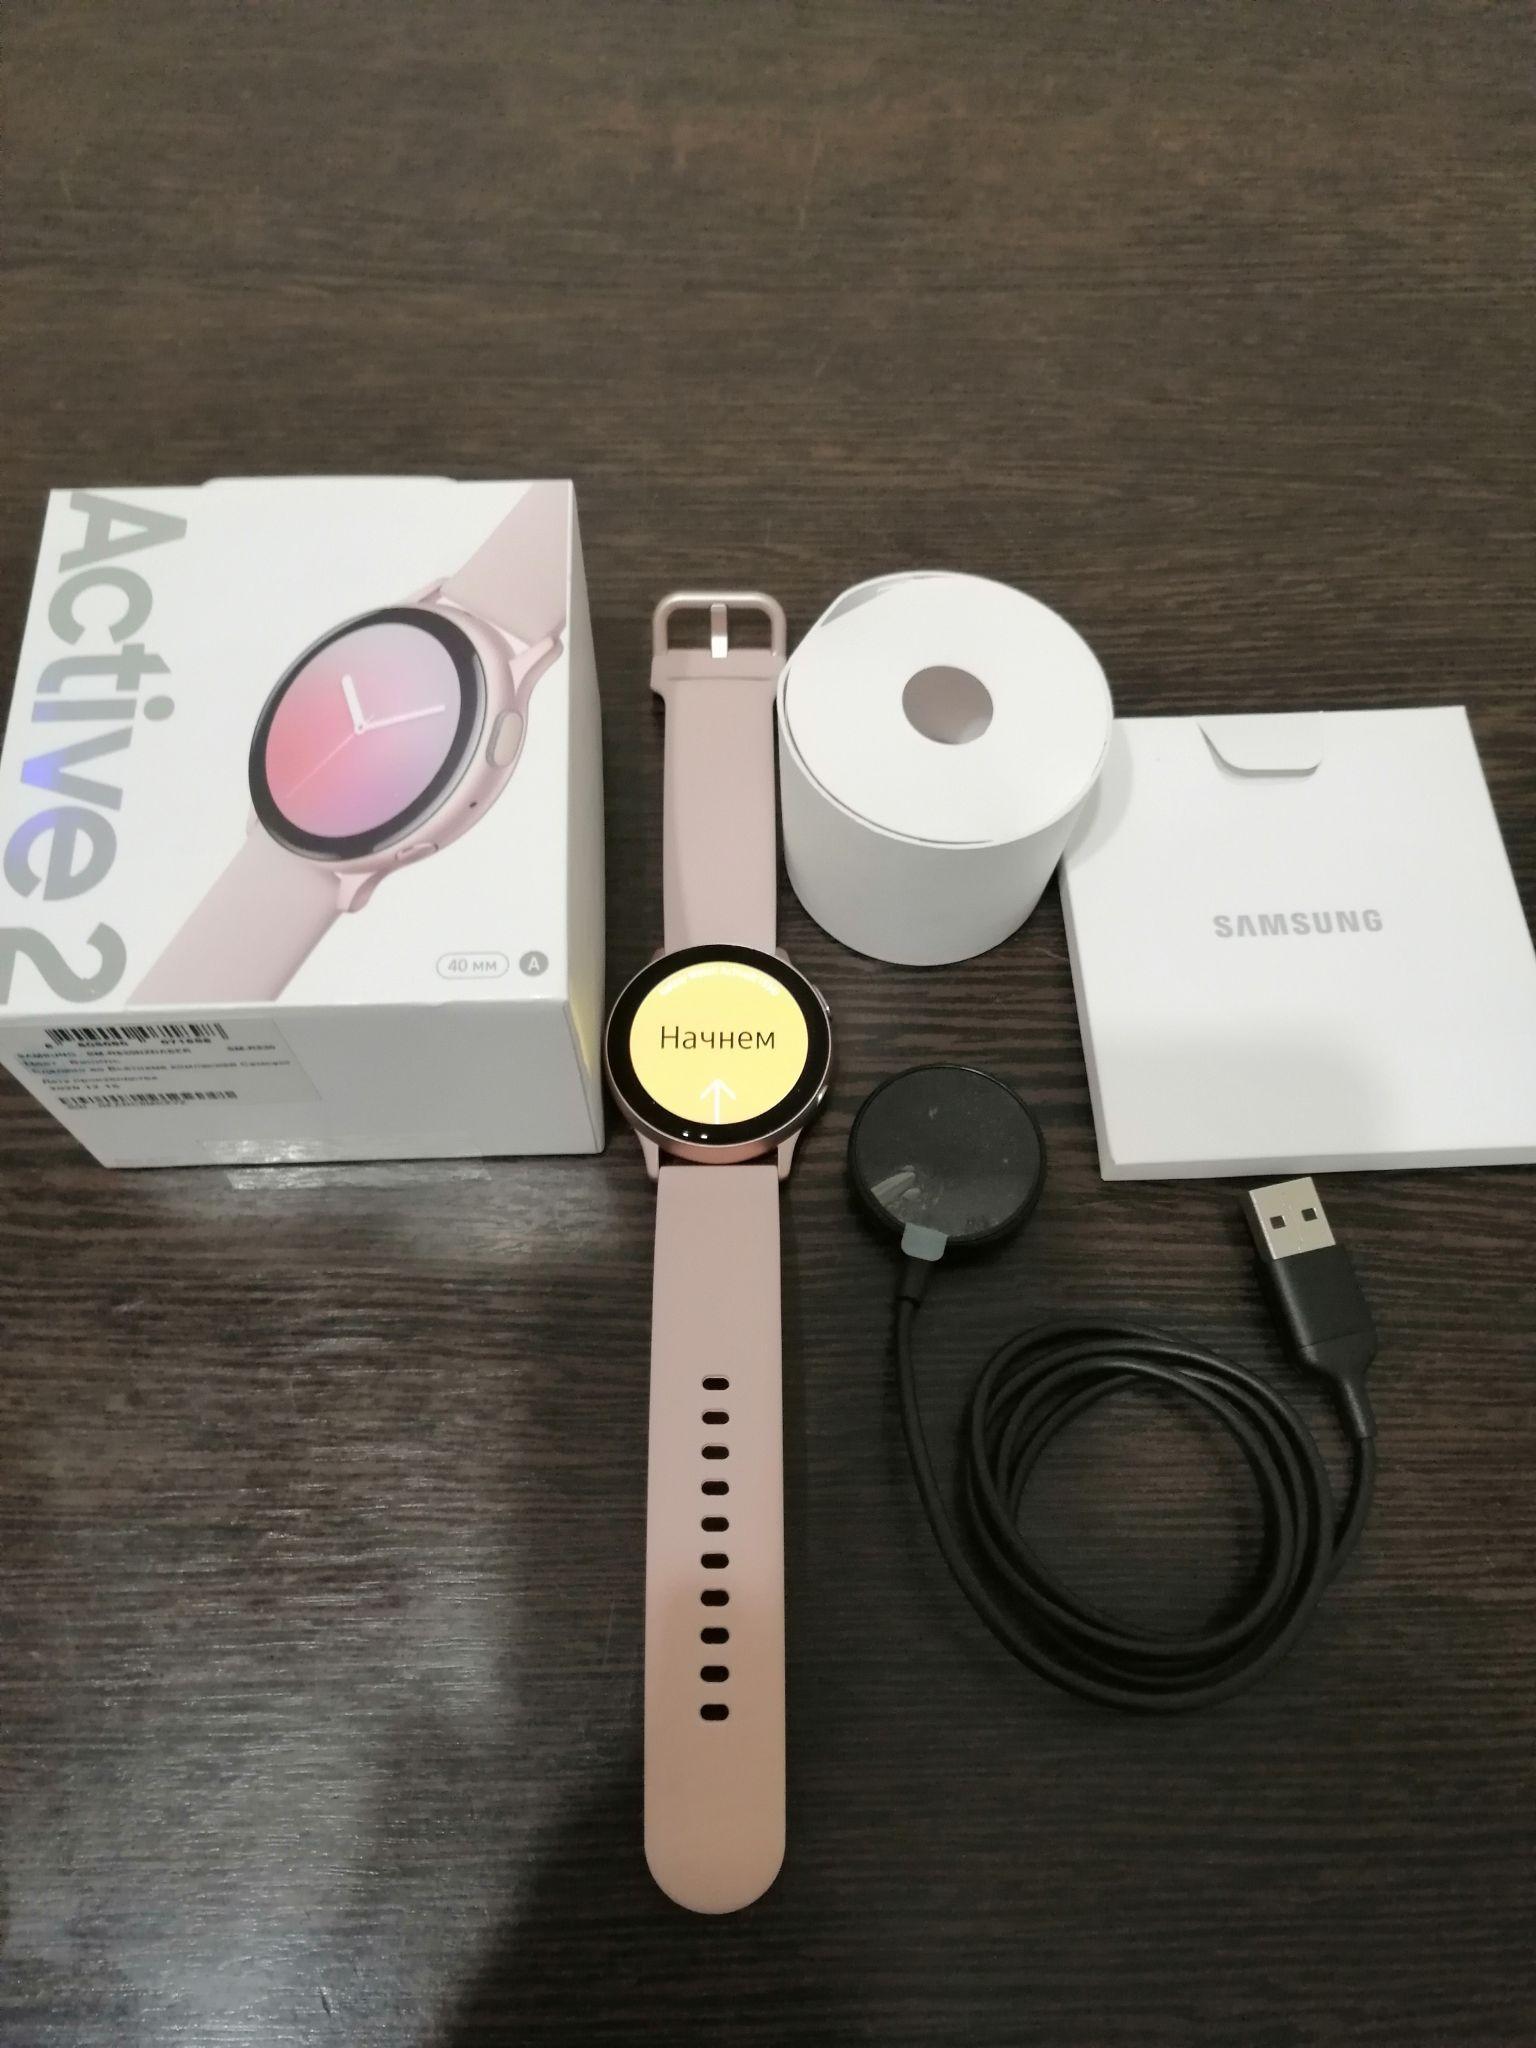 Обзор на смарт-часы Samsung Galaxy Watch Active 2 Ваниль